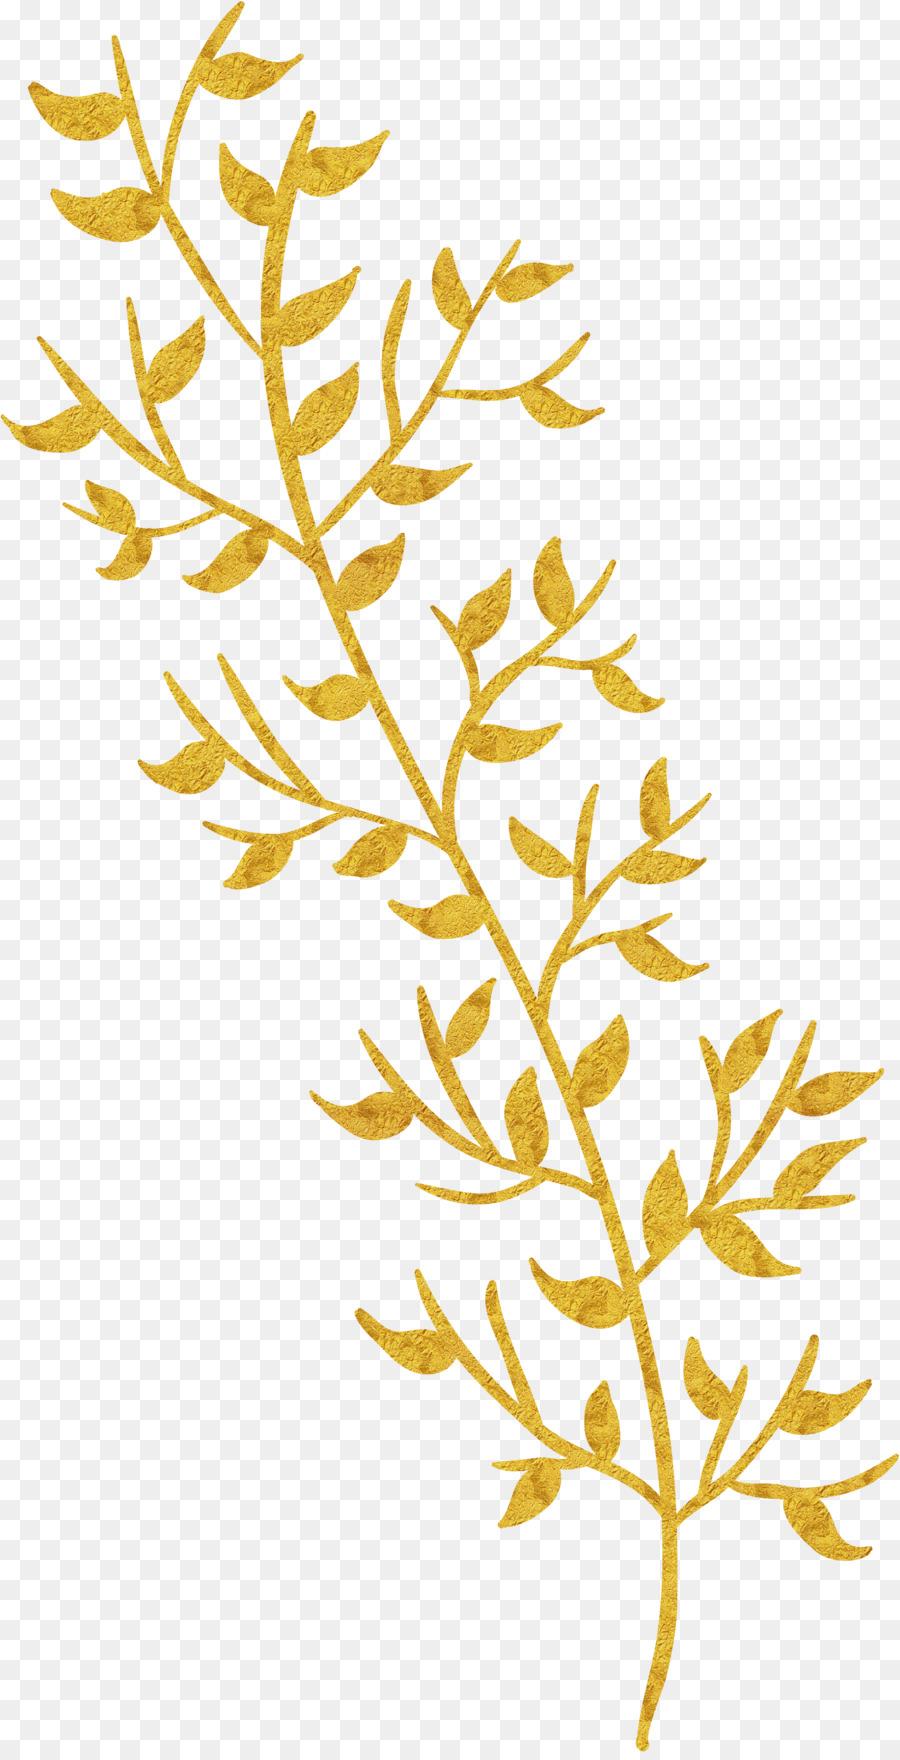 Leaf Gratis Download Golden Leaves Png Download 2029